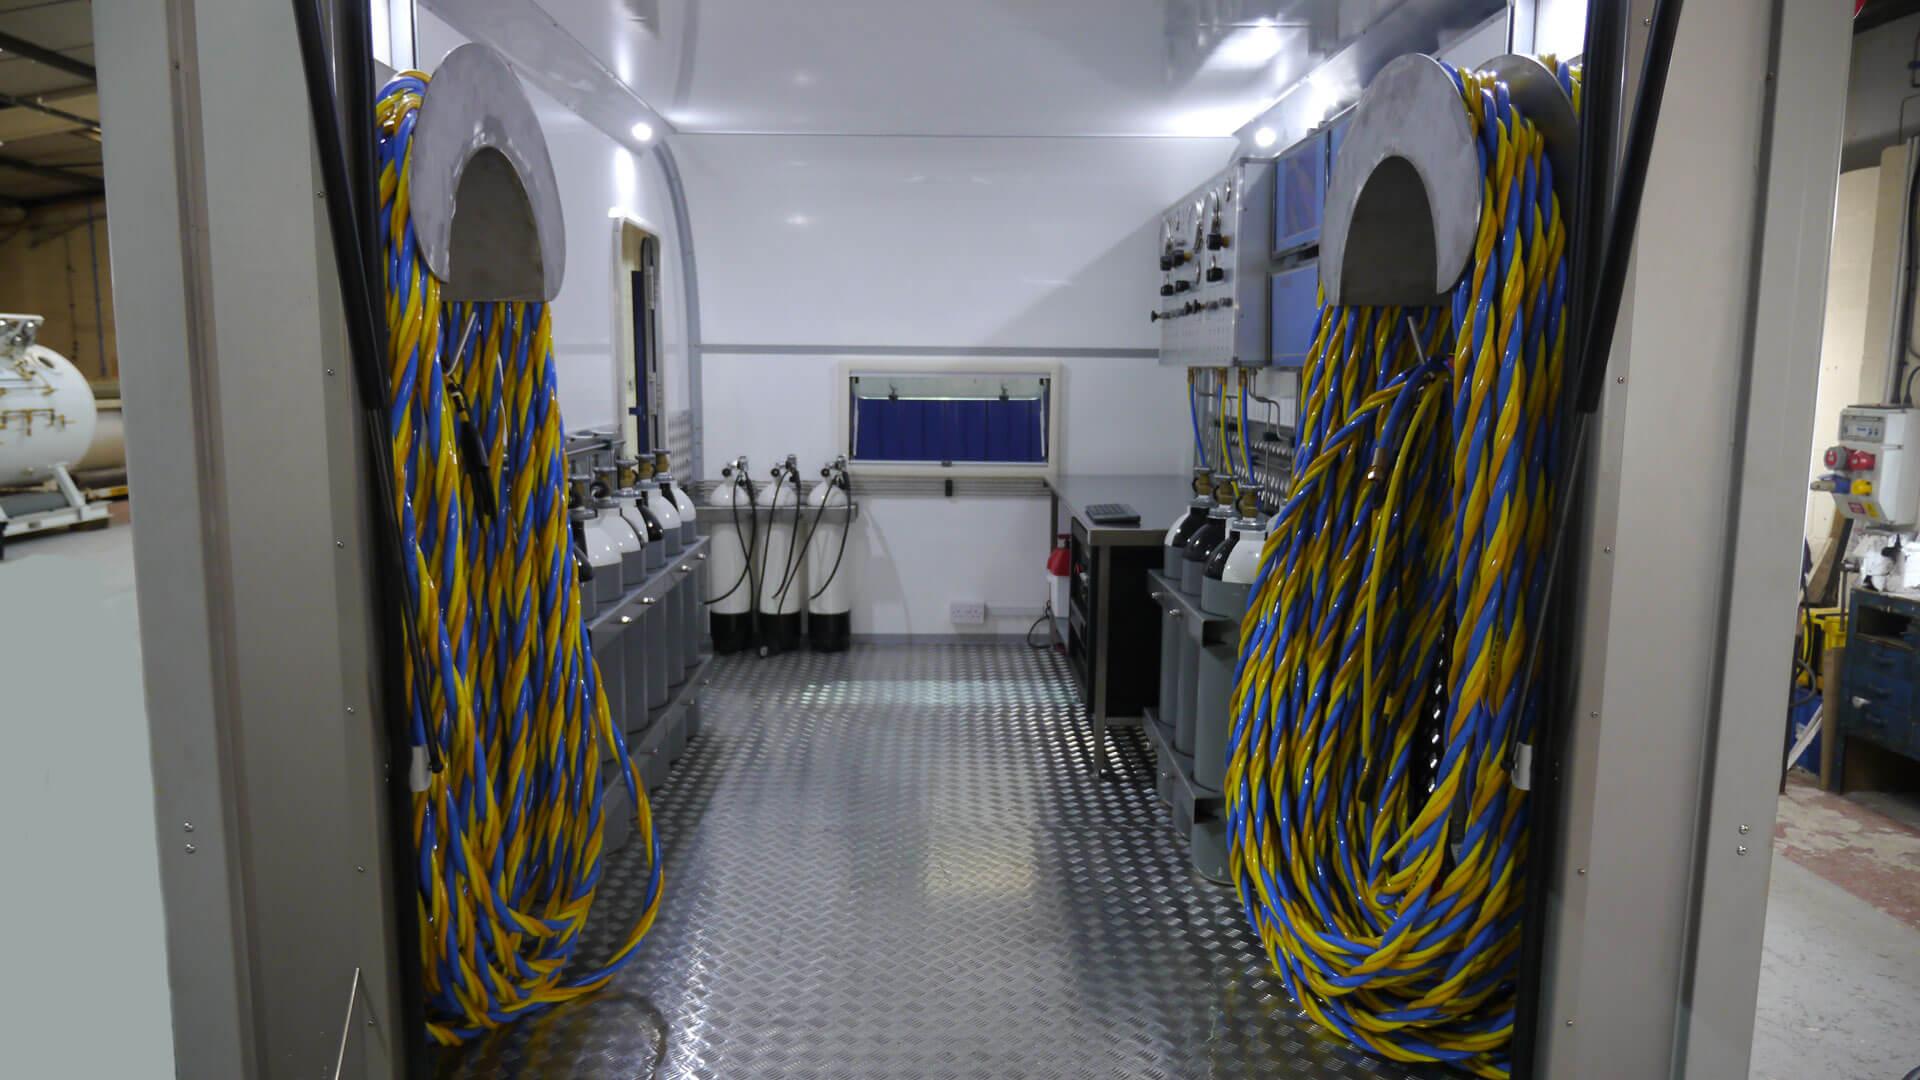 interior of dive trailer with umbilicals